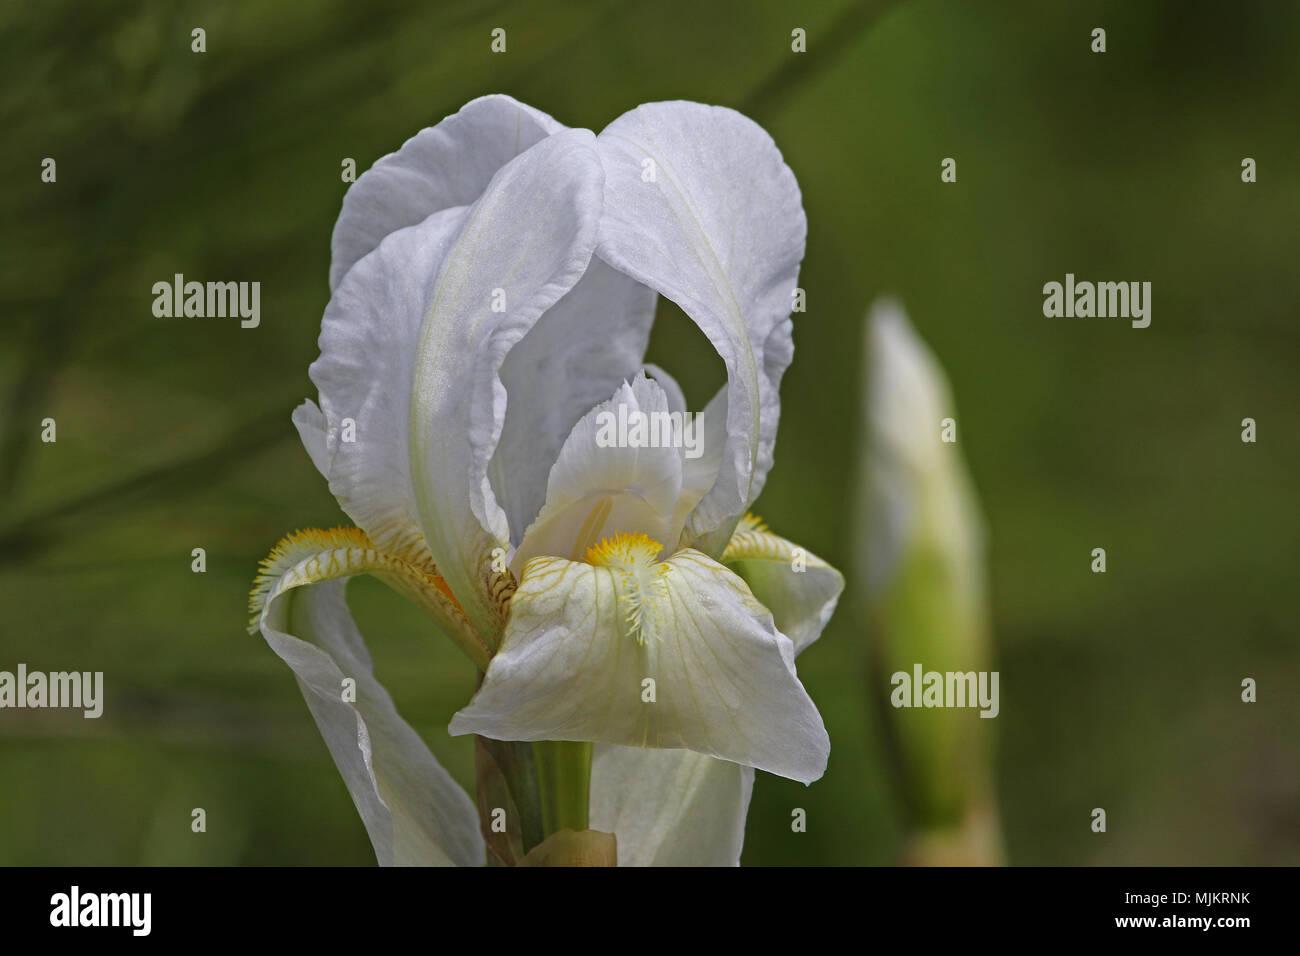 White Flag Iris Or Bearded Iris Flower Very Close To Latin Name